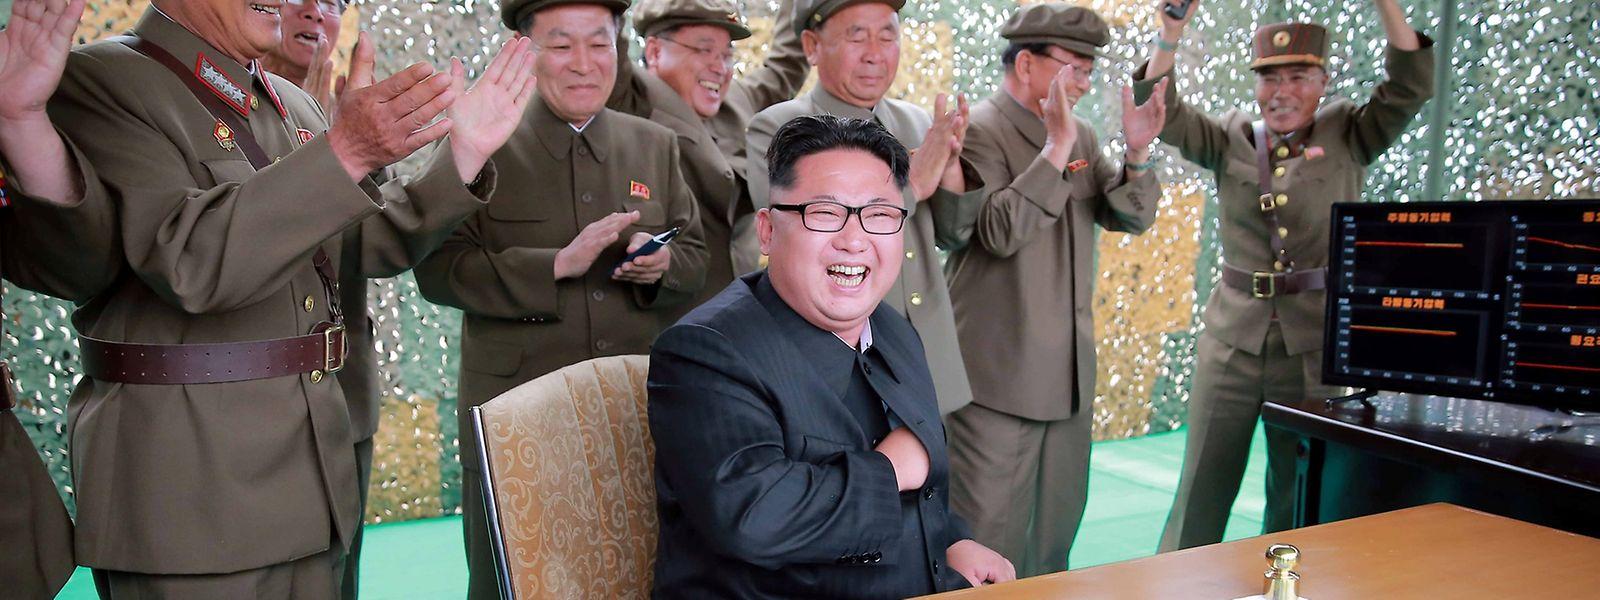 """Kim Jong Un bezeichnete den Raketentest als """"wichtige Gelegenheit"""", die atomare Angriffsfähigkeit zu verstärken."""